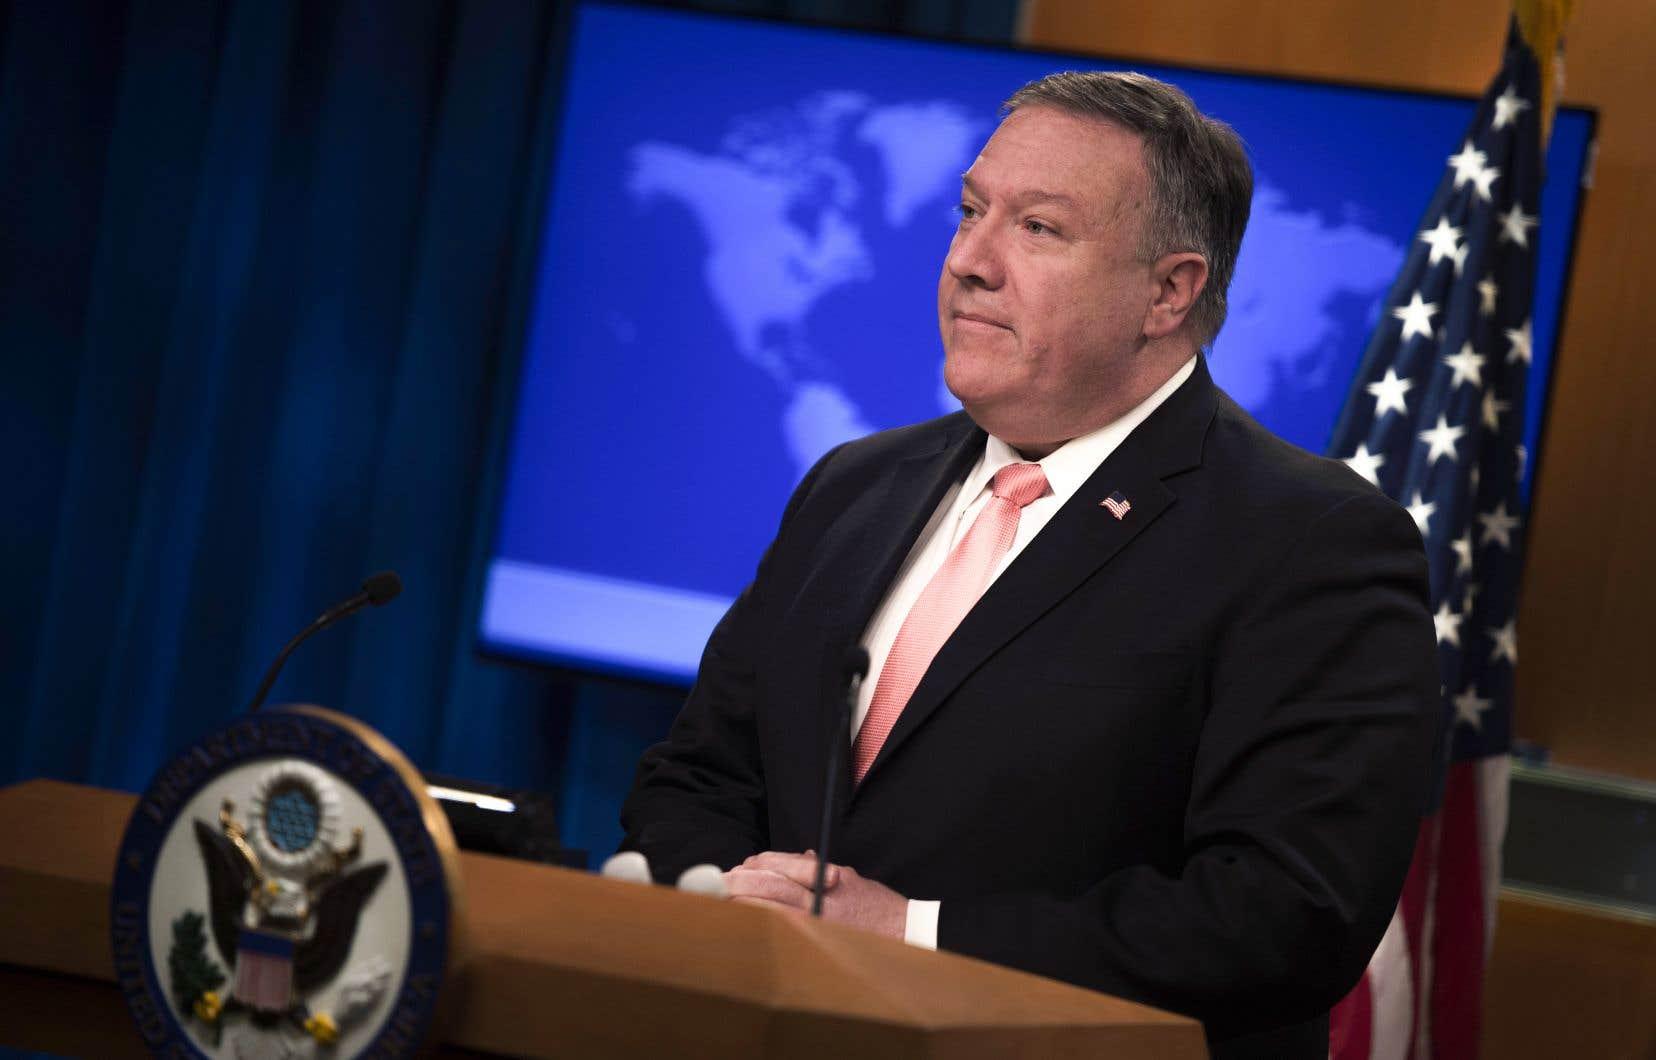 «Ces sanctions ne seront pas les dernières de la part des États-Unis dans cette affaire», a déclaré le secrétaire d'État américain, Mike Pompeo.